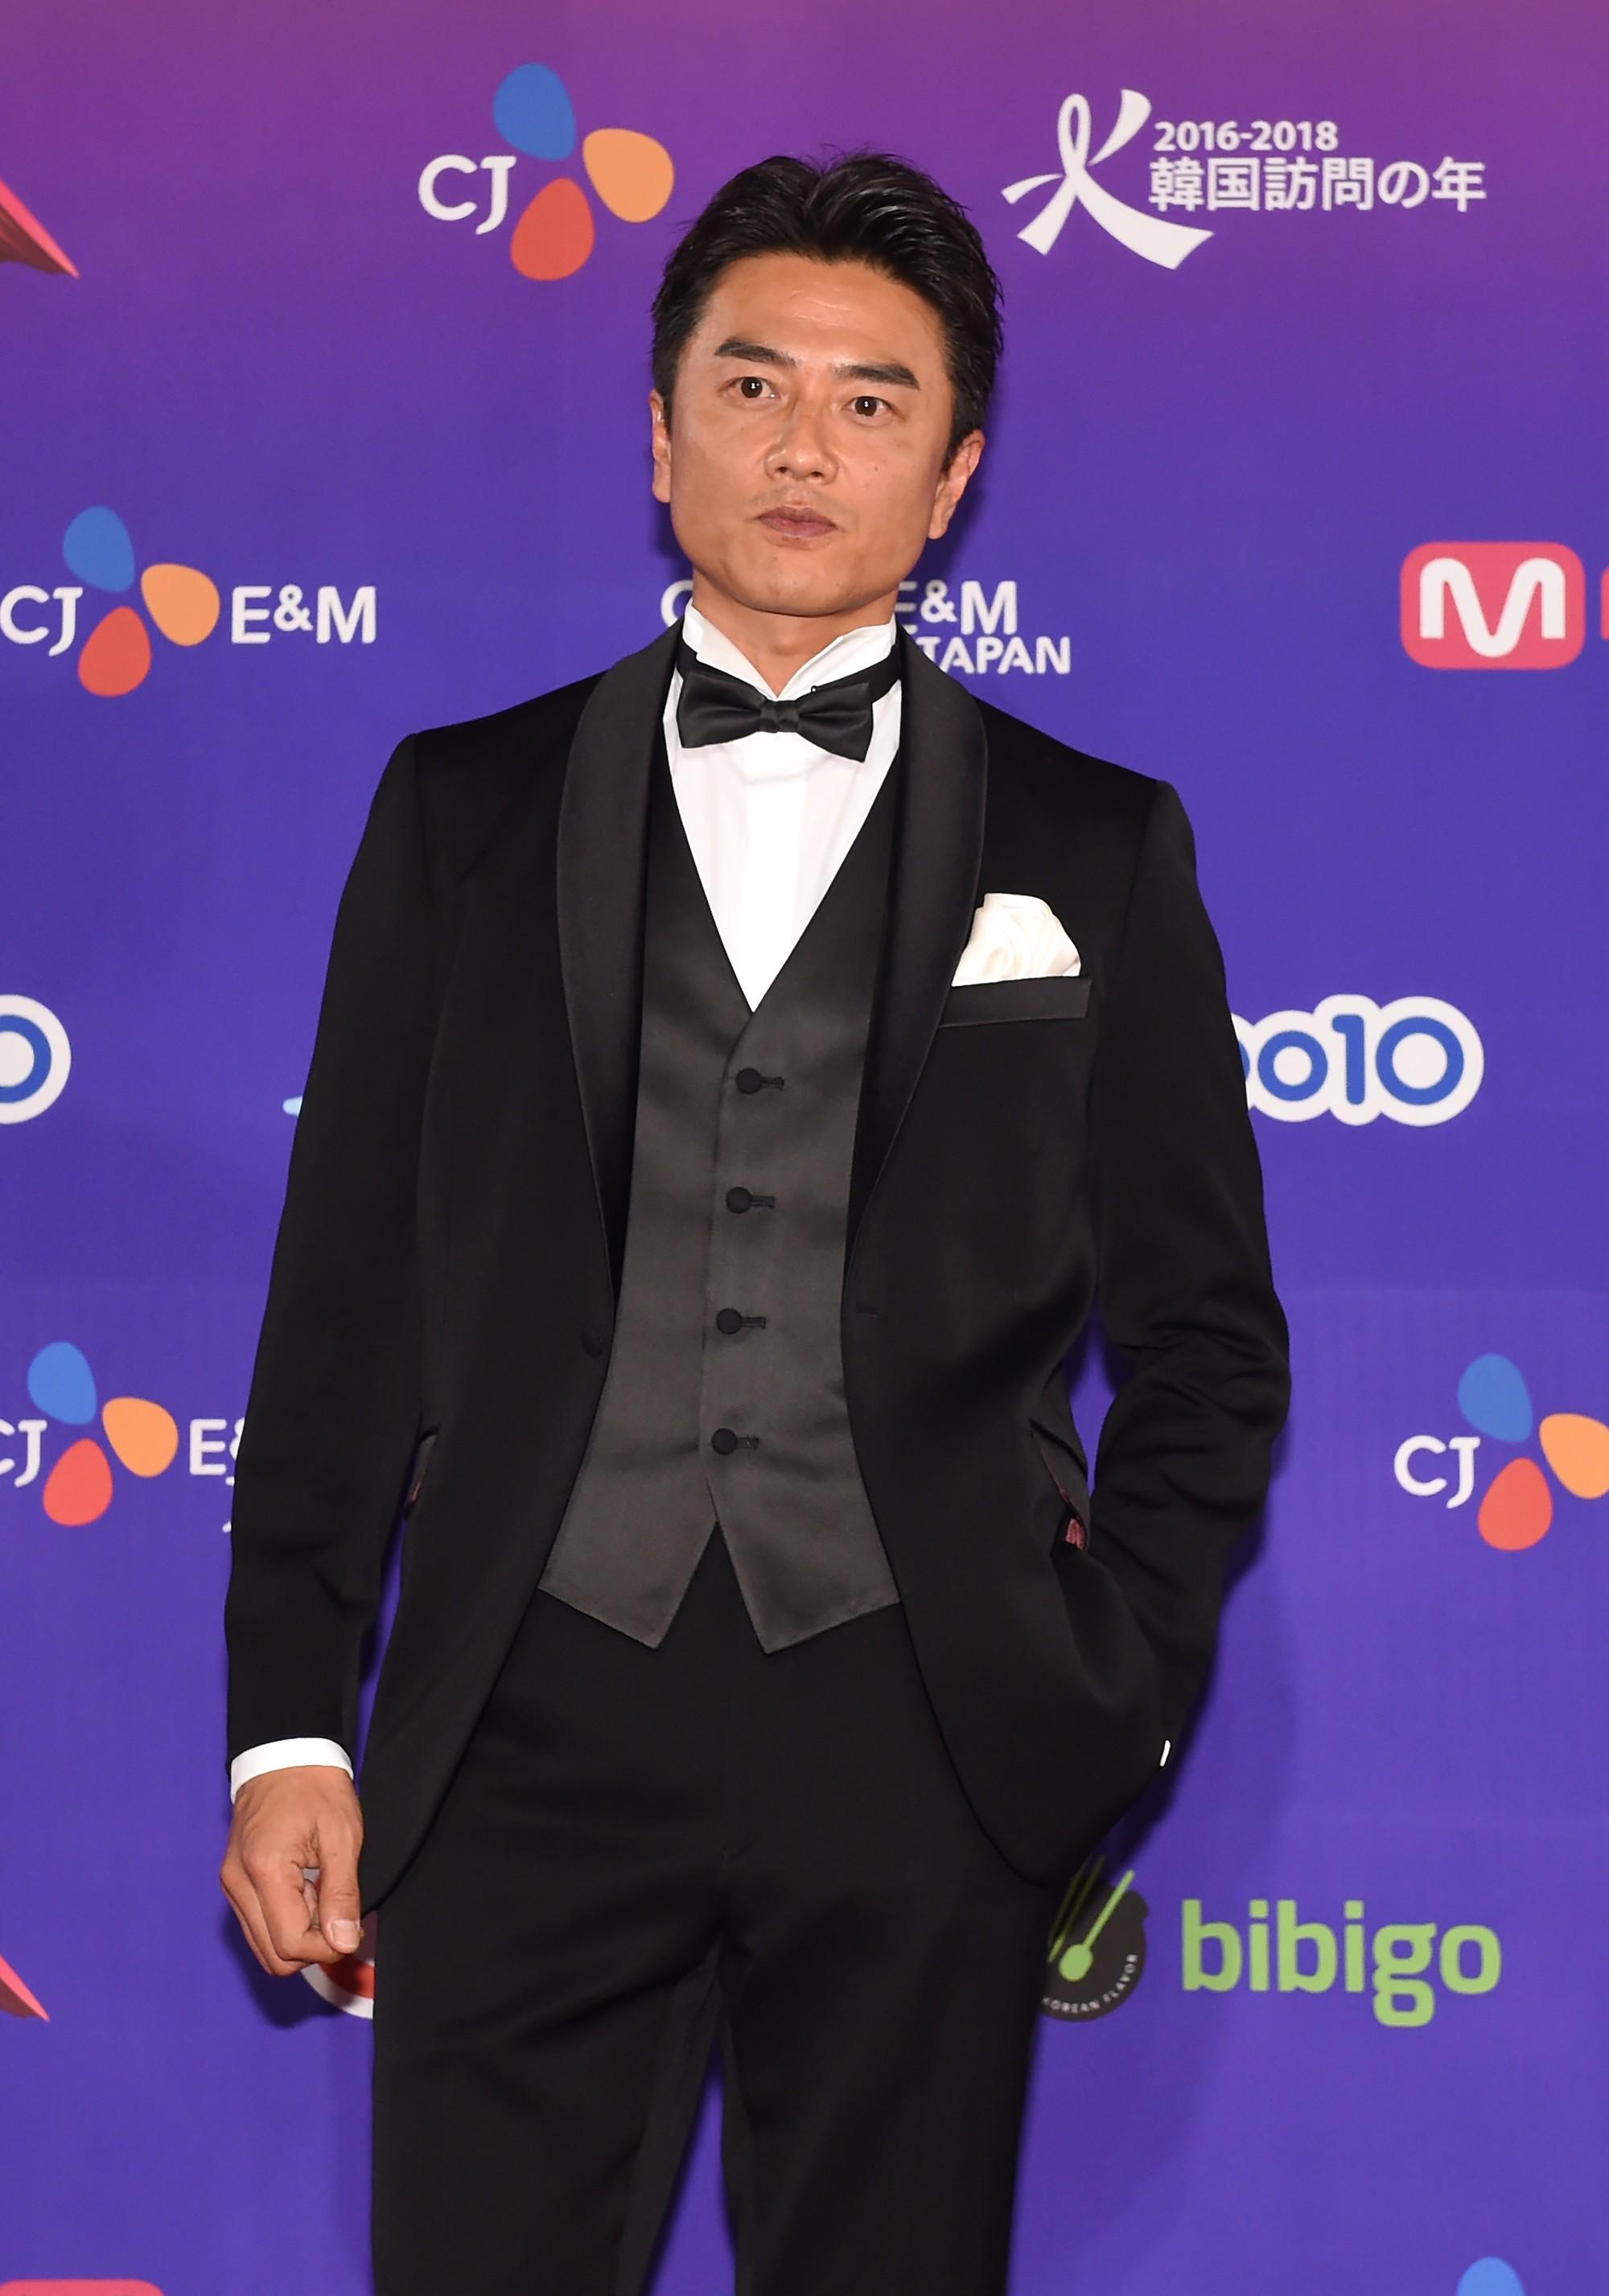 Thảm đỏ MAMA Nhật: Park Bo Gum và dàn mỹ nam Wanna One, EXO chiếm trọn sự chú ý, Kim So Hyun đọ sắc TWICE - Ảnh 52.